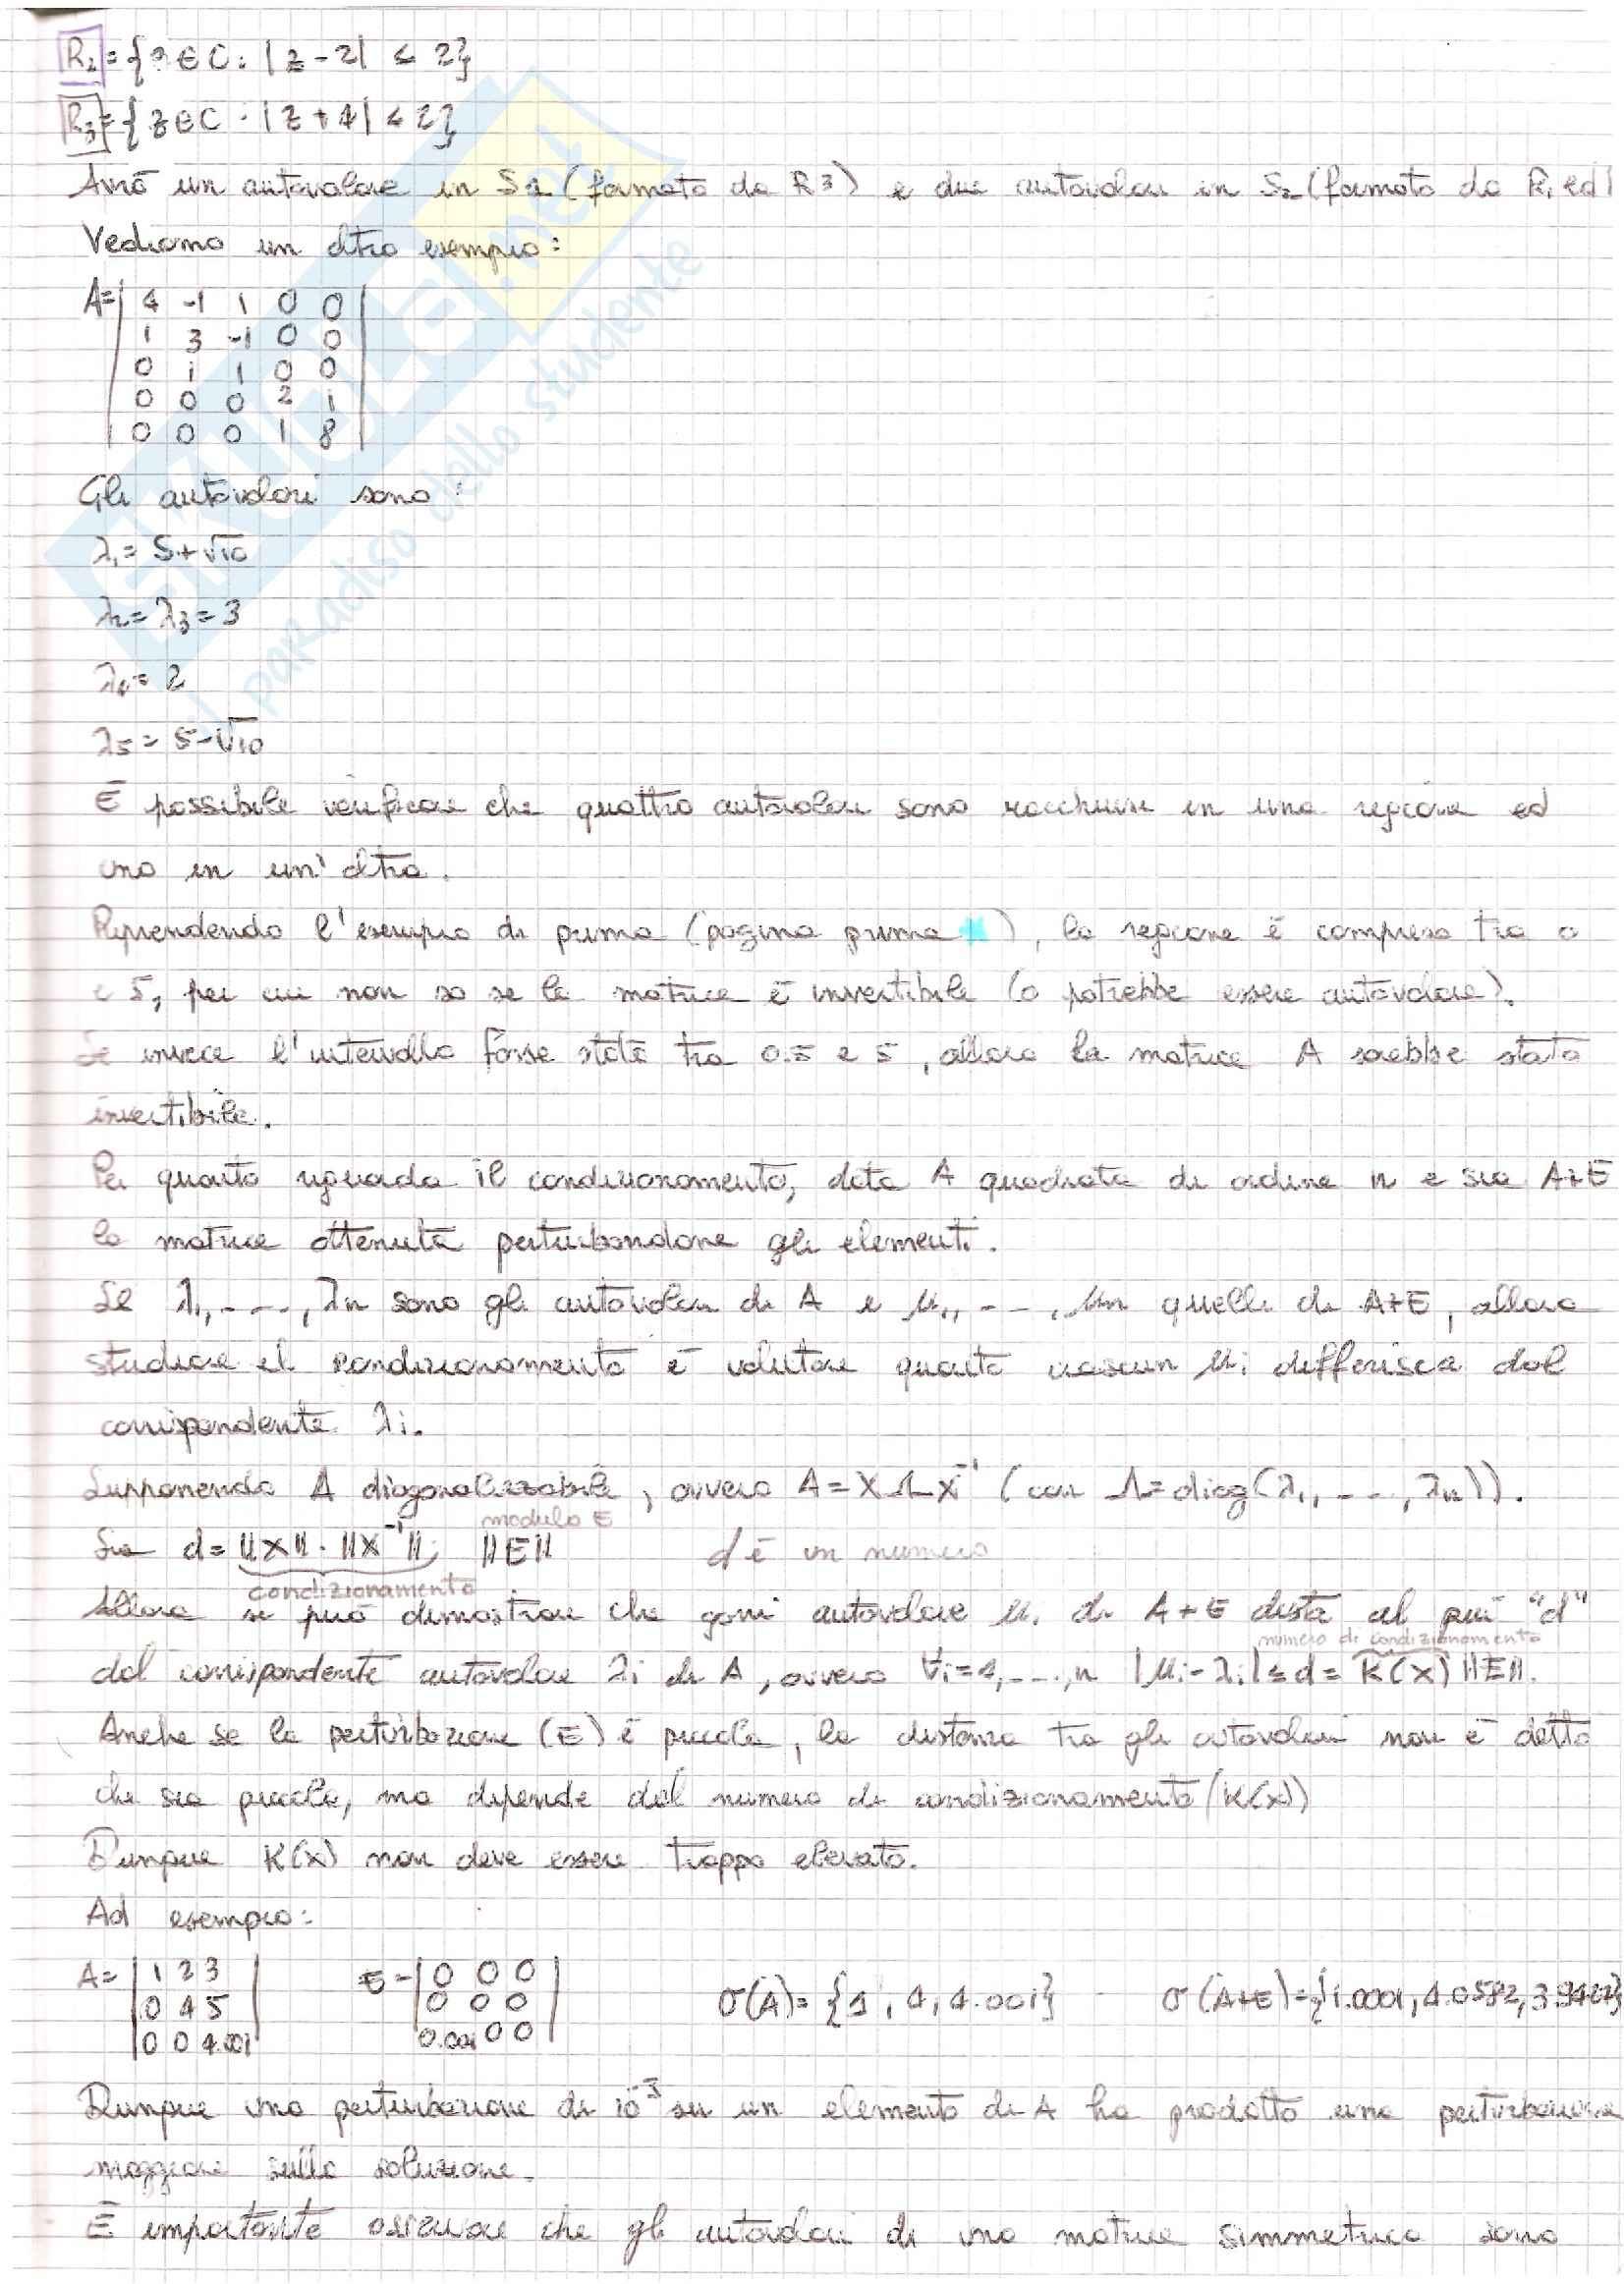 Metodi Numerici per l'Ingegneria  - Appunti Pag. 141